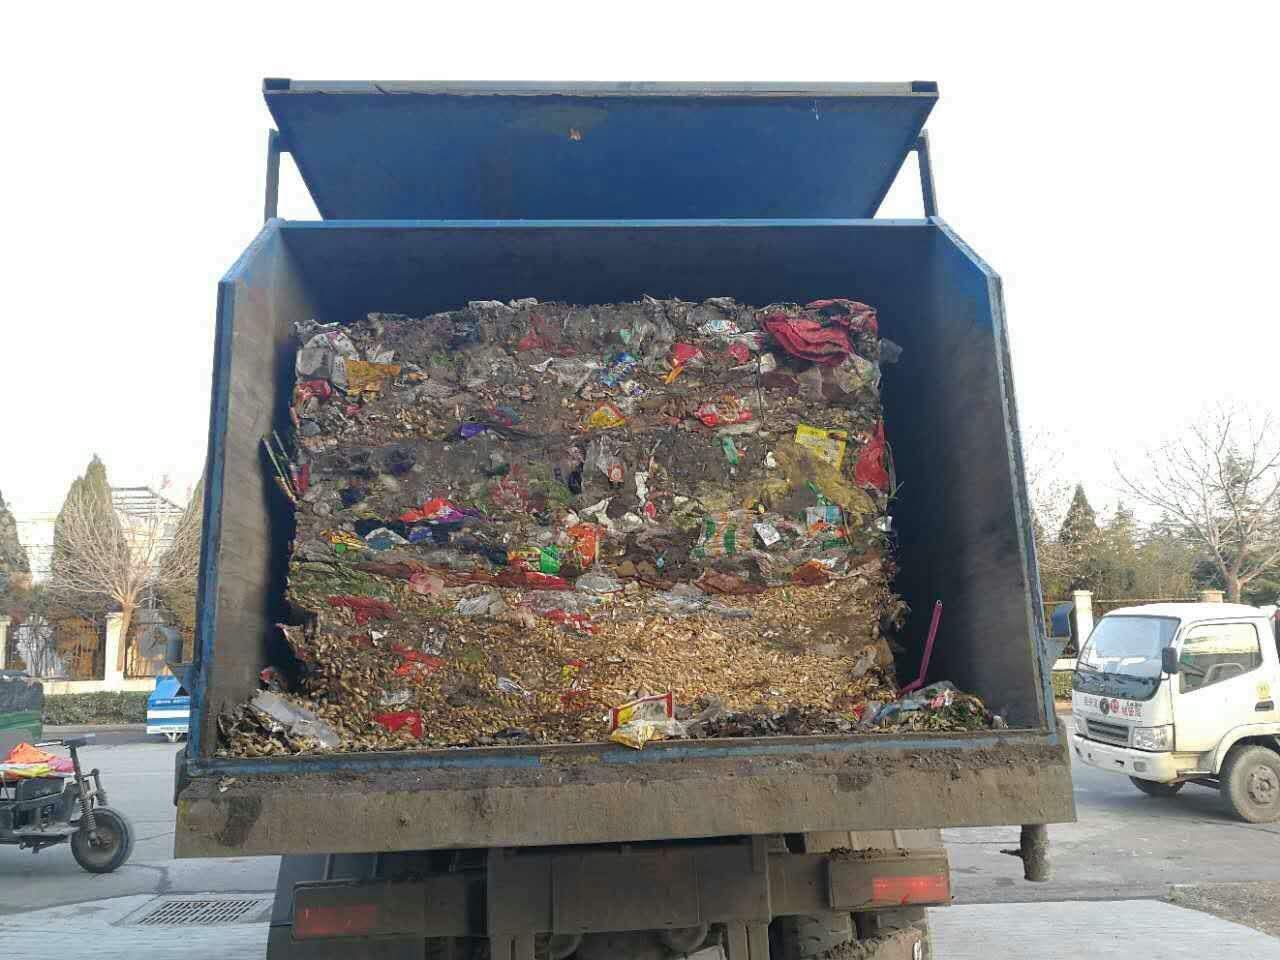 水平式垃圾压缩机压缩后的垃圾状态